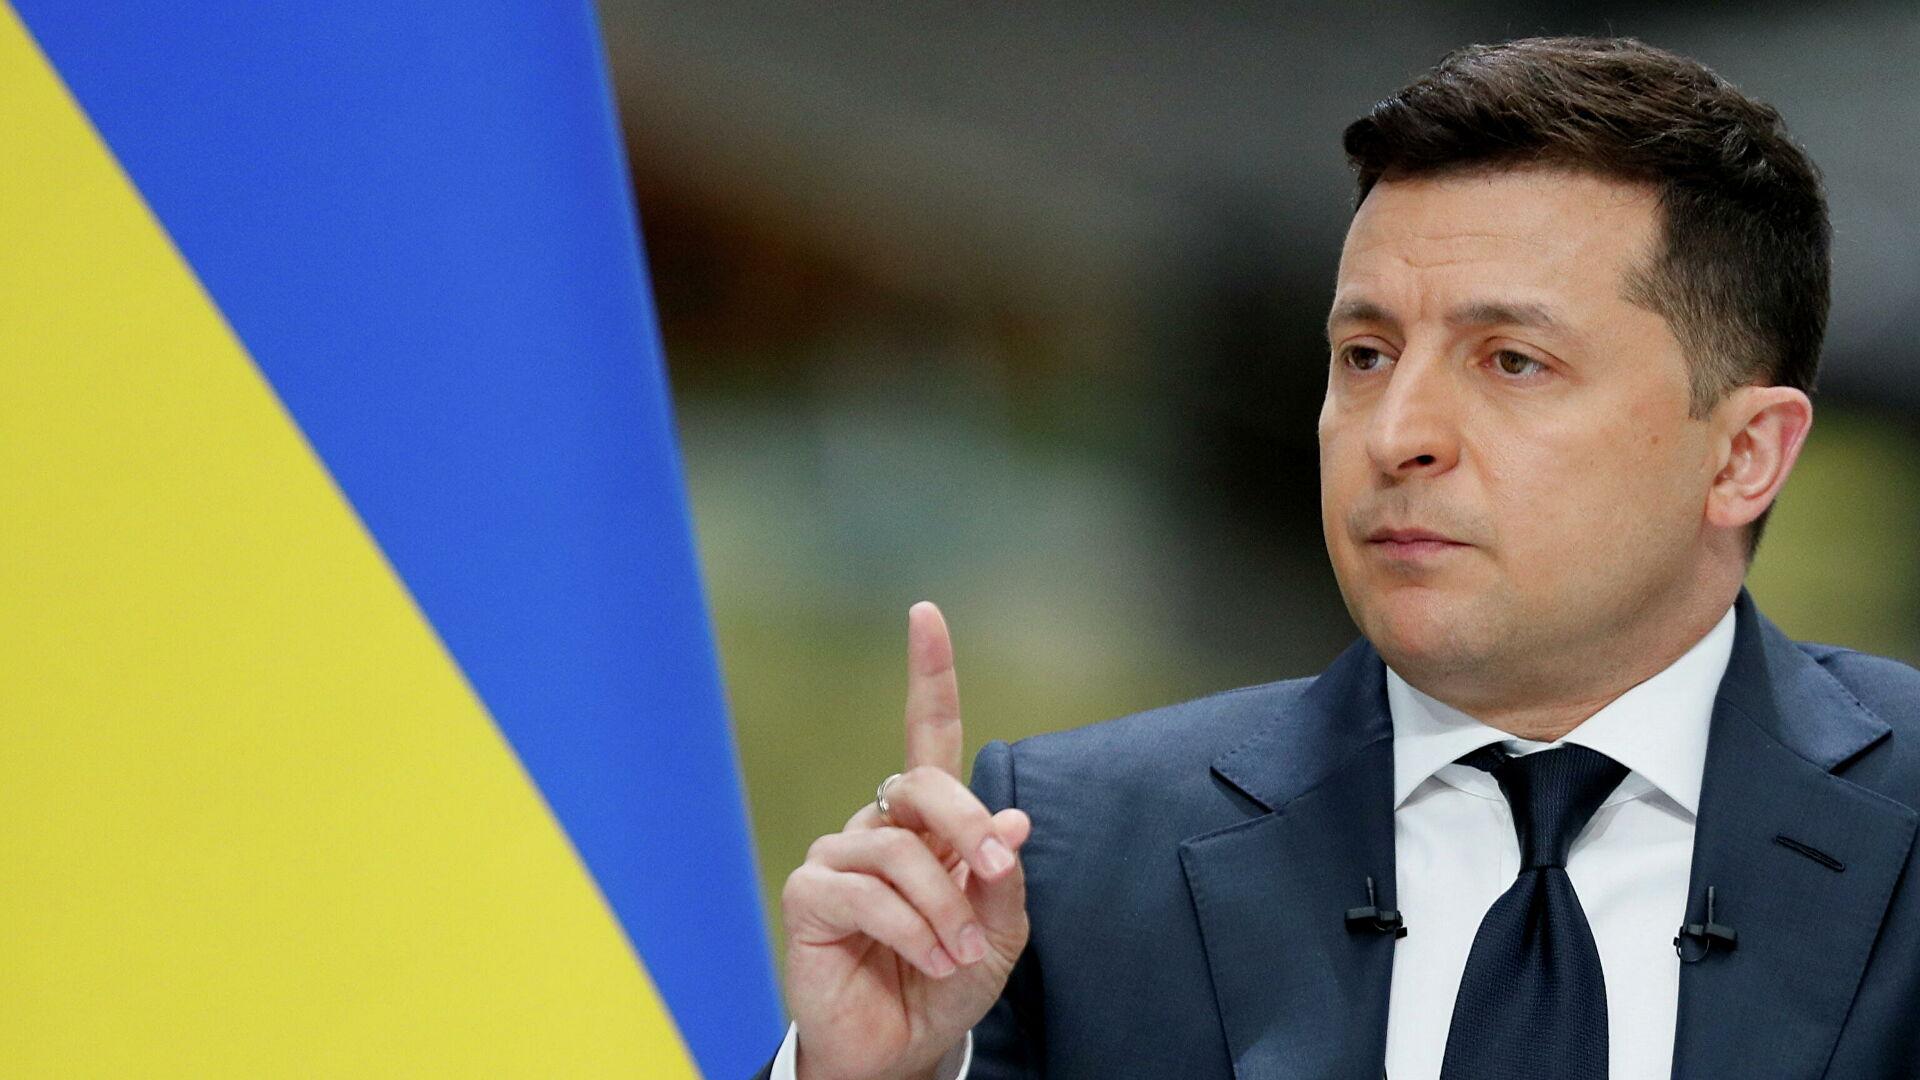 Стручњак је рекао зашто Зеленски није у стању да реши сукоб у Донбасу